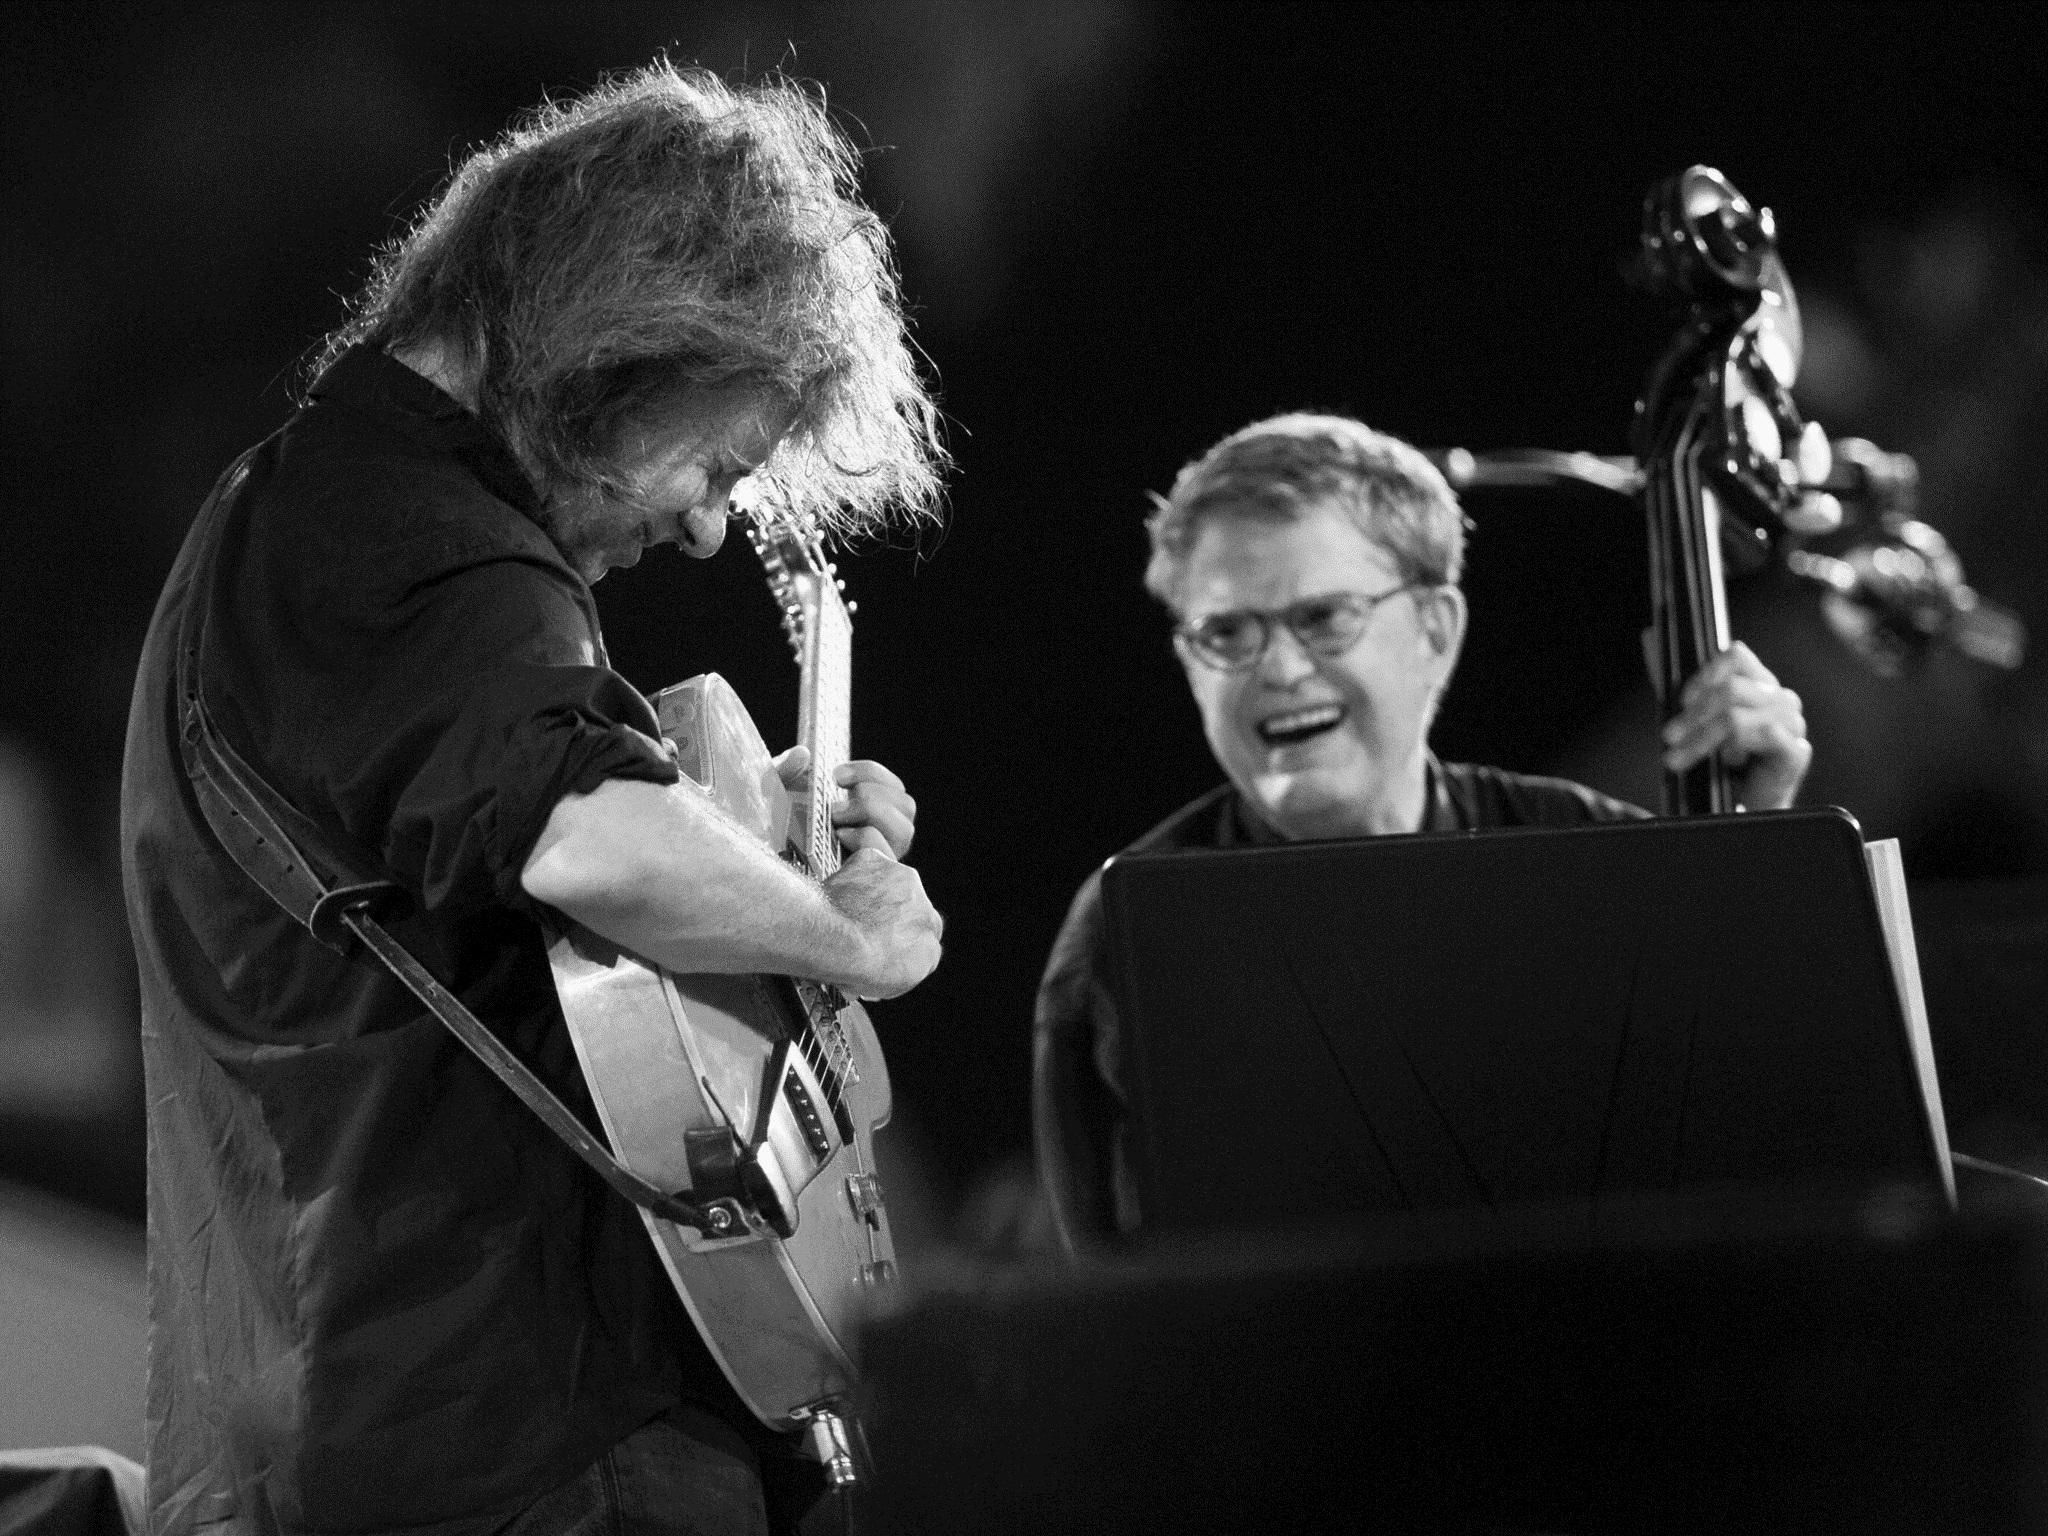 Esquina do Jazz, 20/01/2018 - Pat Metheny e Charlie Haden